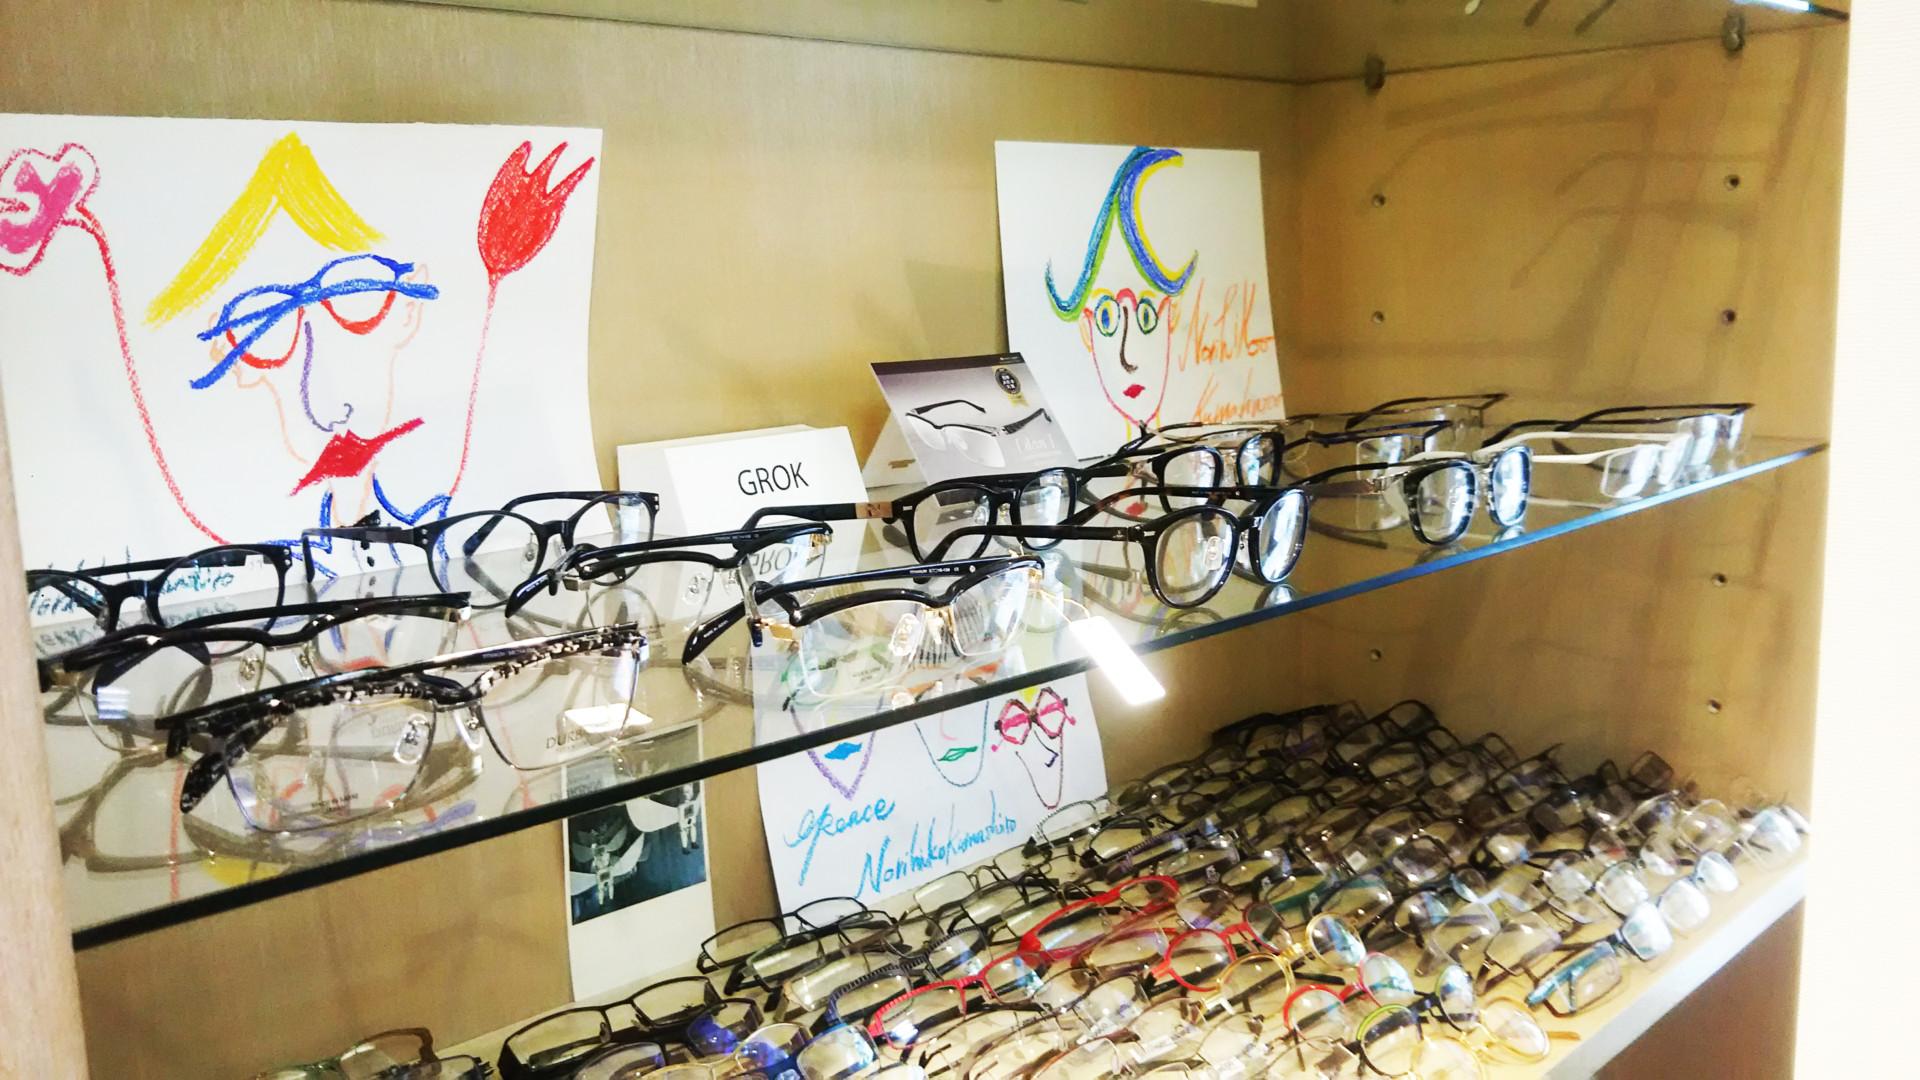 デザイン・機能性ともに厳選された眼鏡の数々